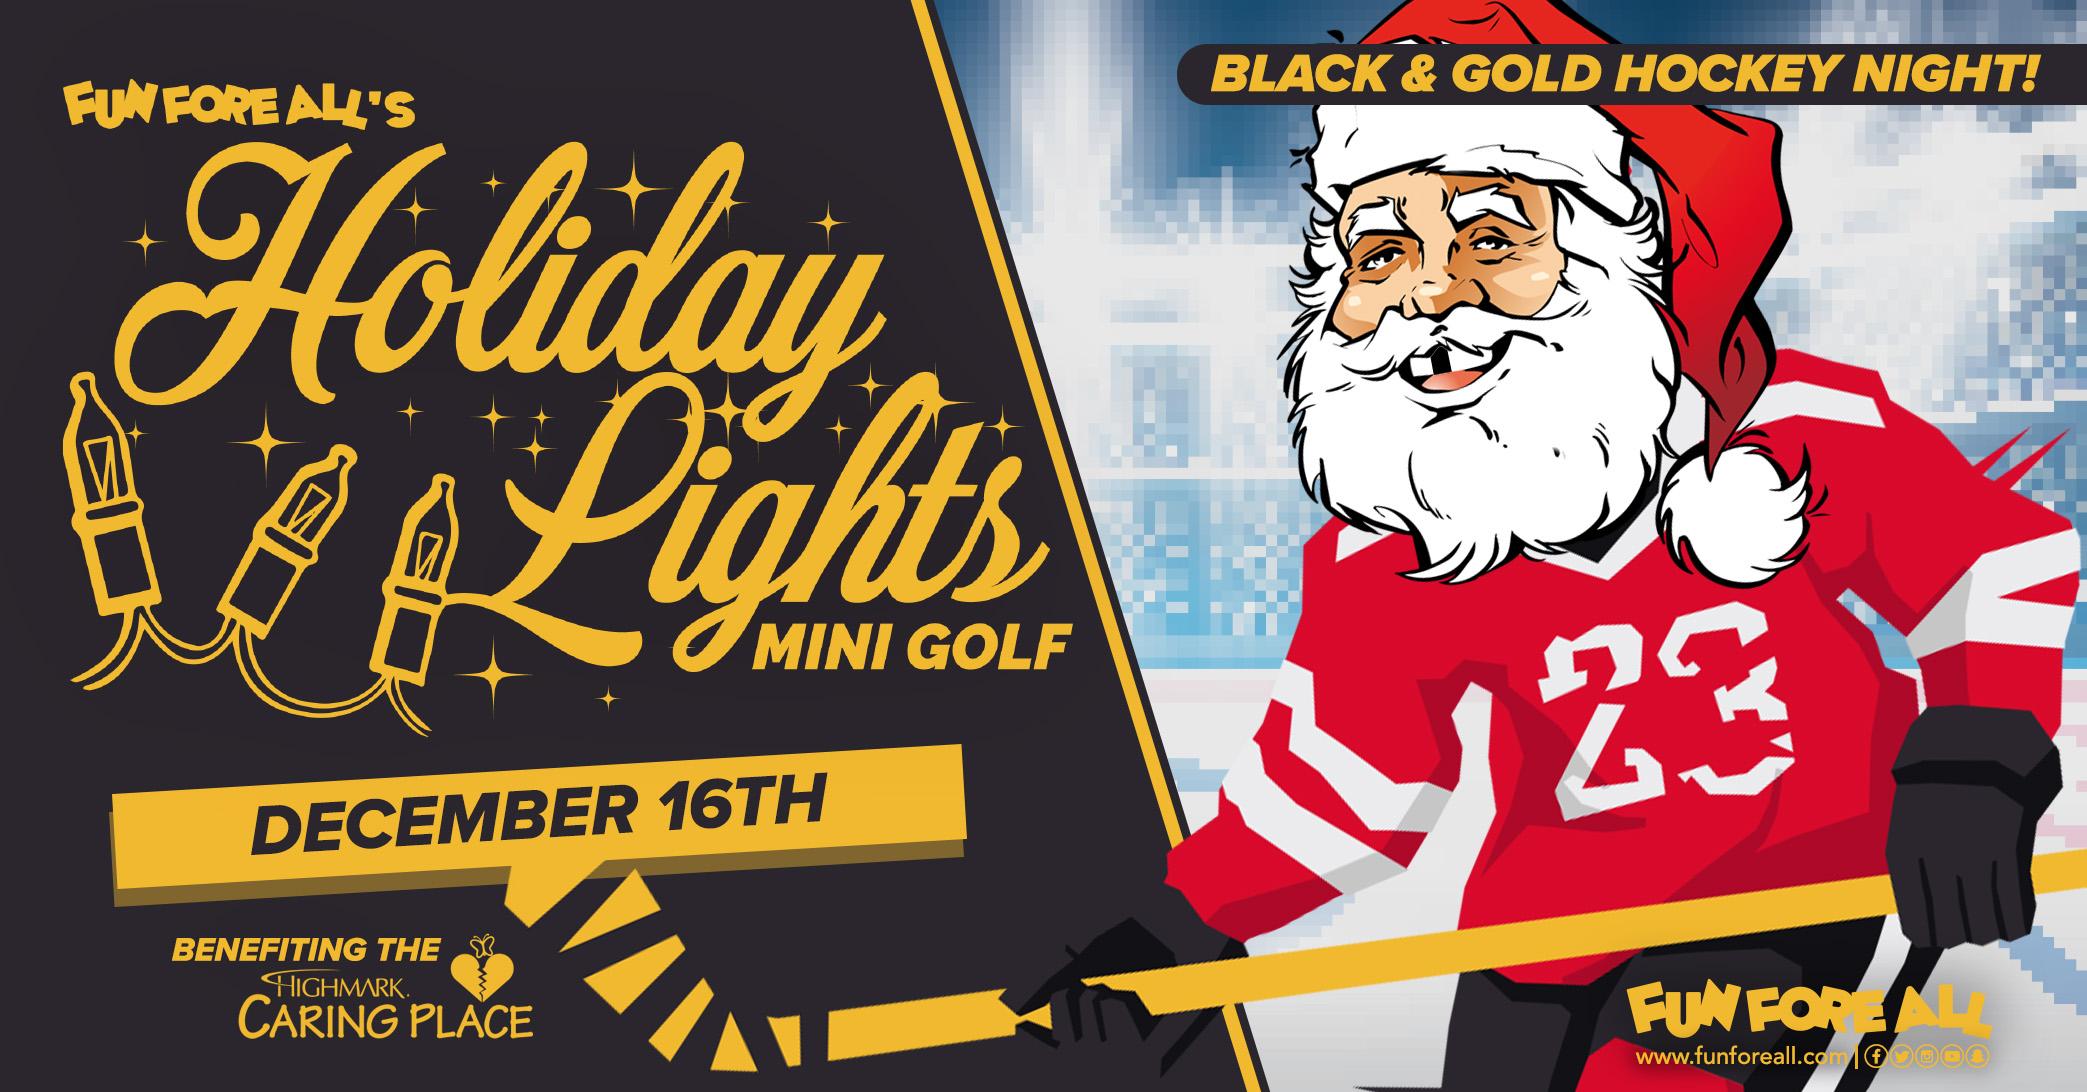 Facebook Invite (Holiday Lights - Black and Gold Hockey Night).jpg